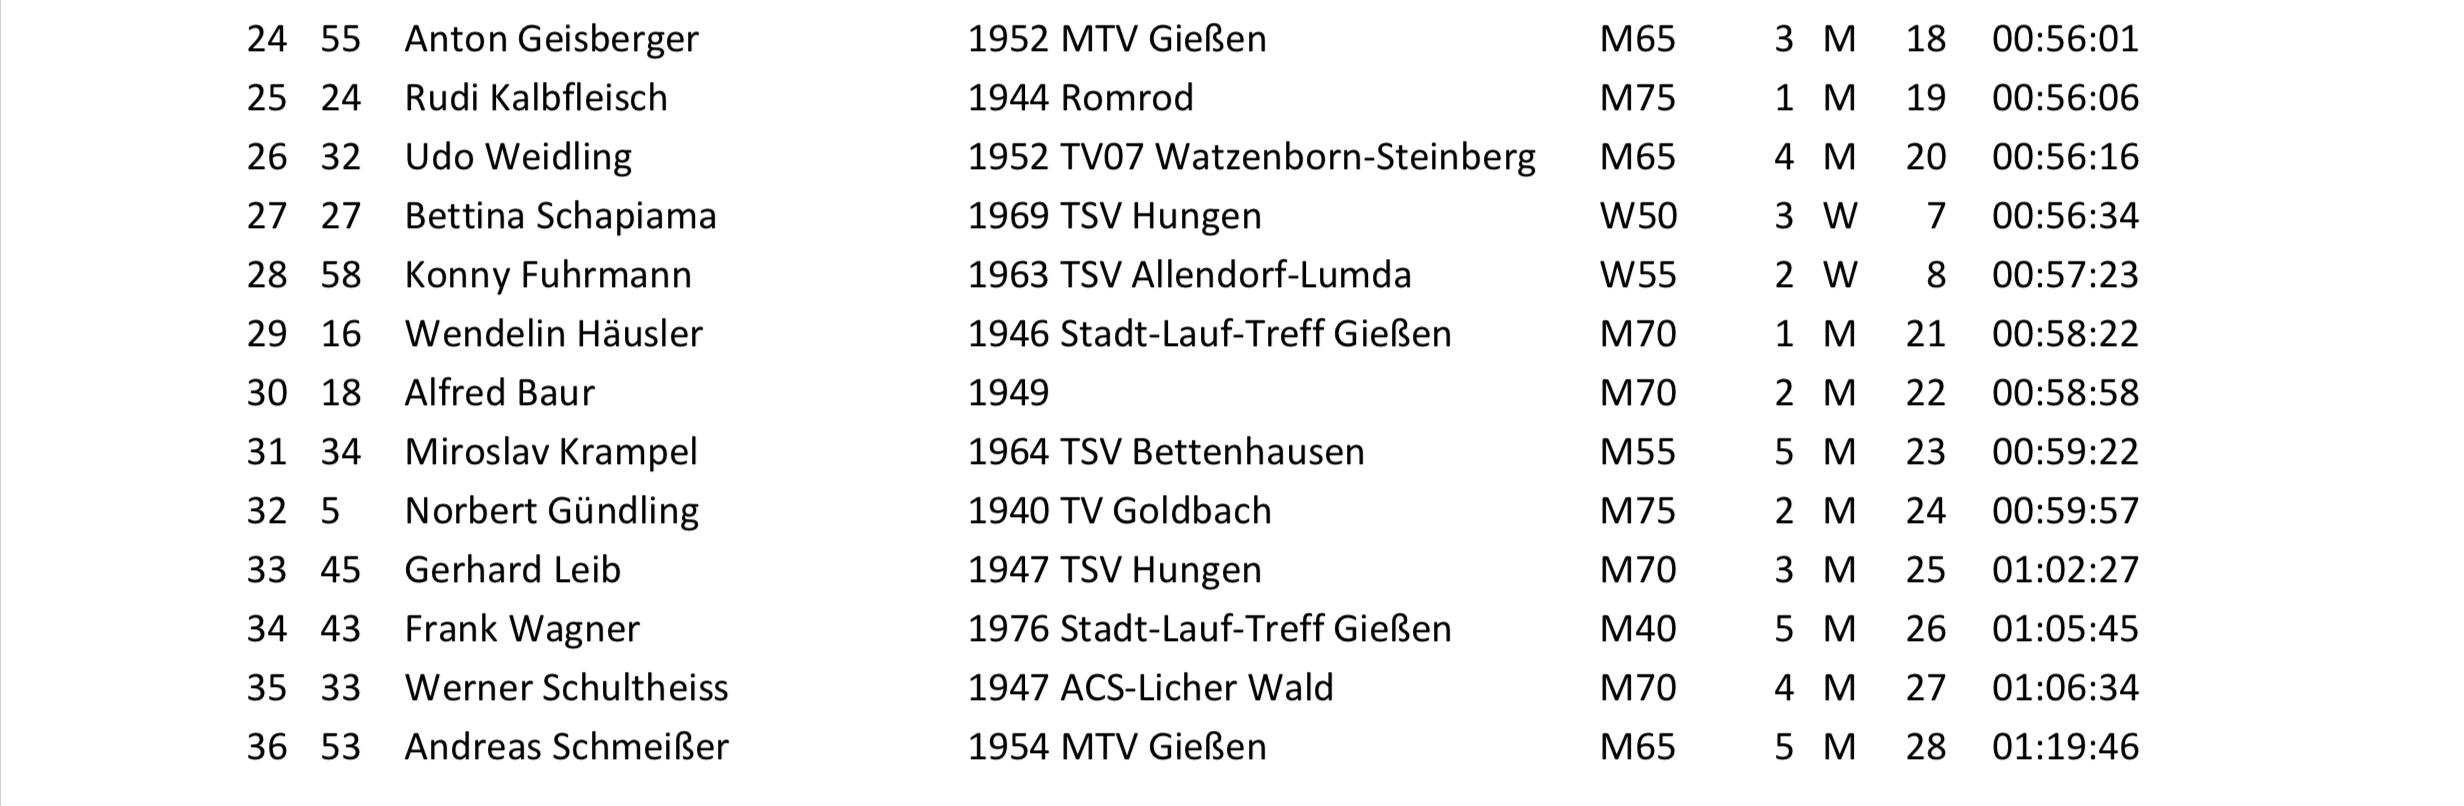 Gesamtergebnisliste 22. Langder Volkslauf 2019 Engel-Landschaftslauf-Cup 10000 m